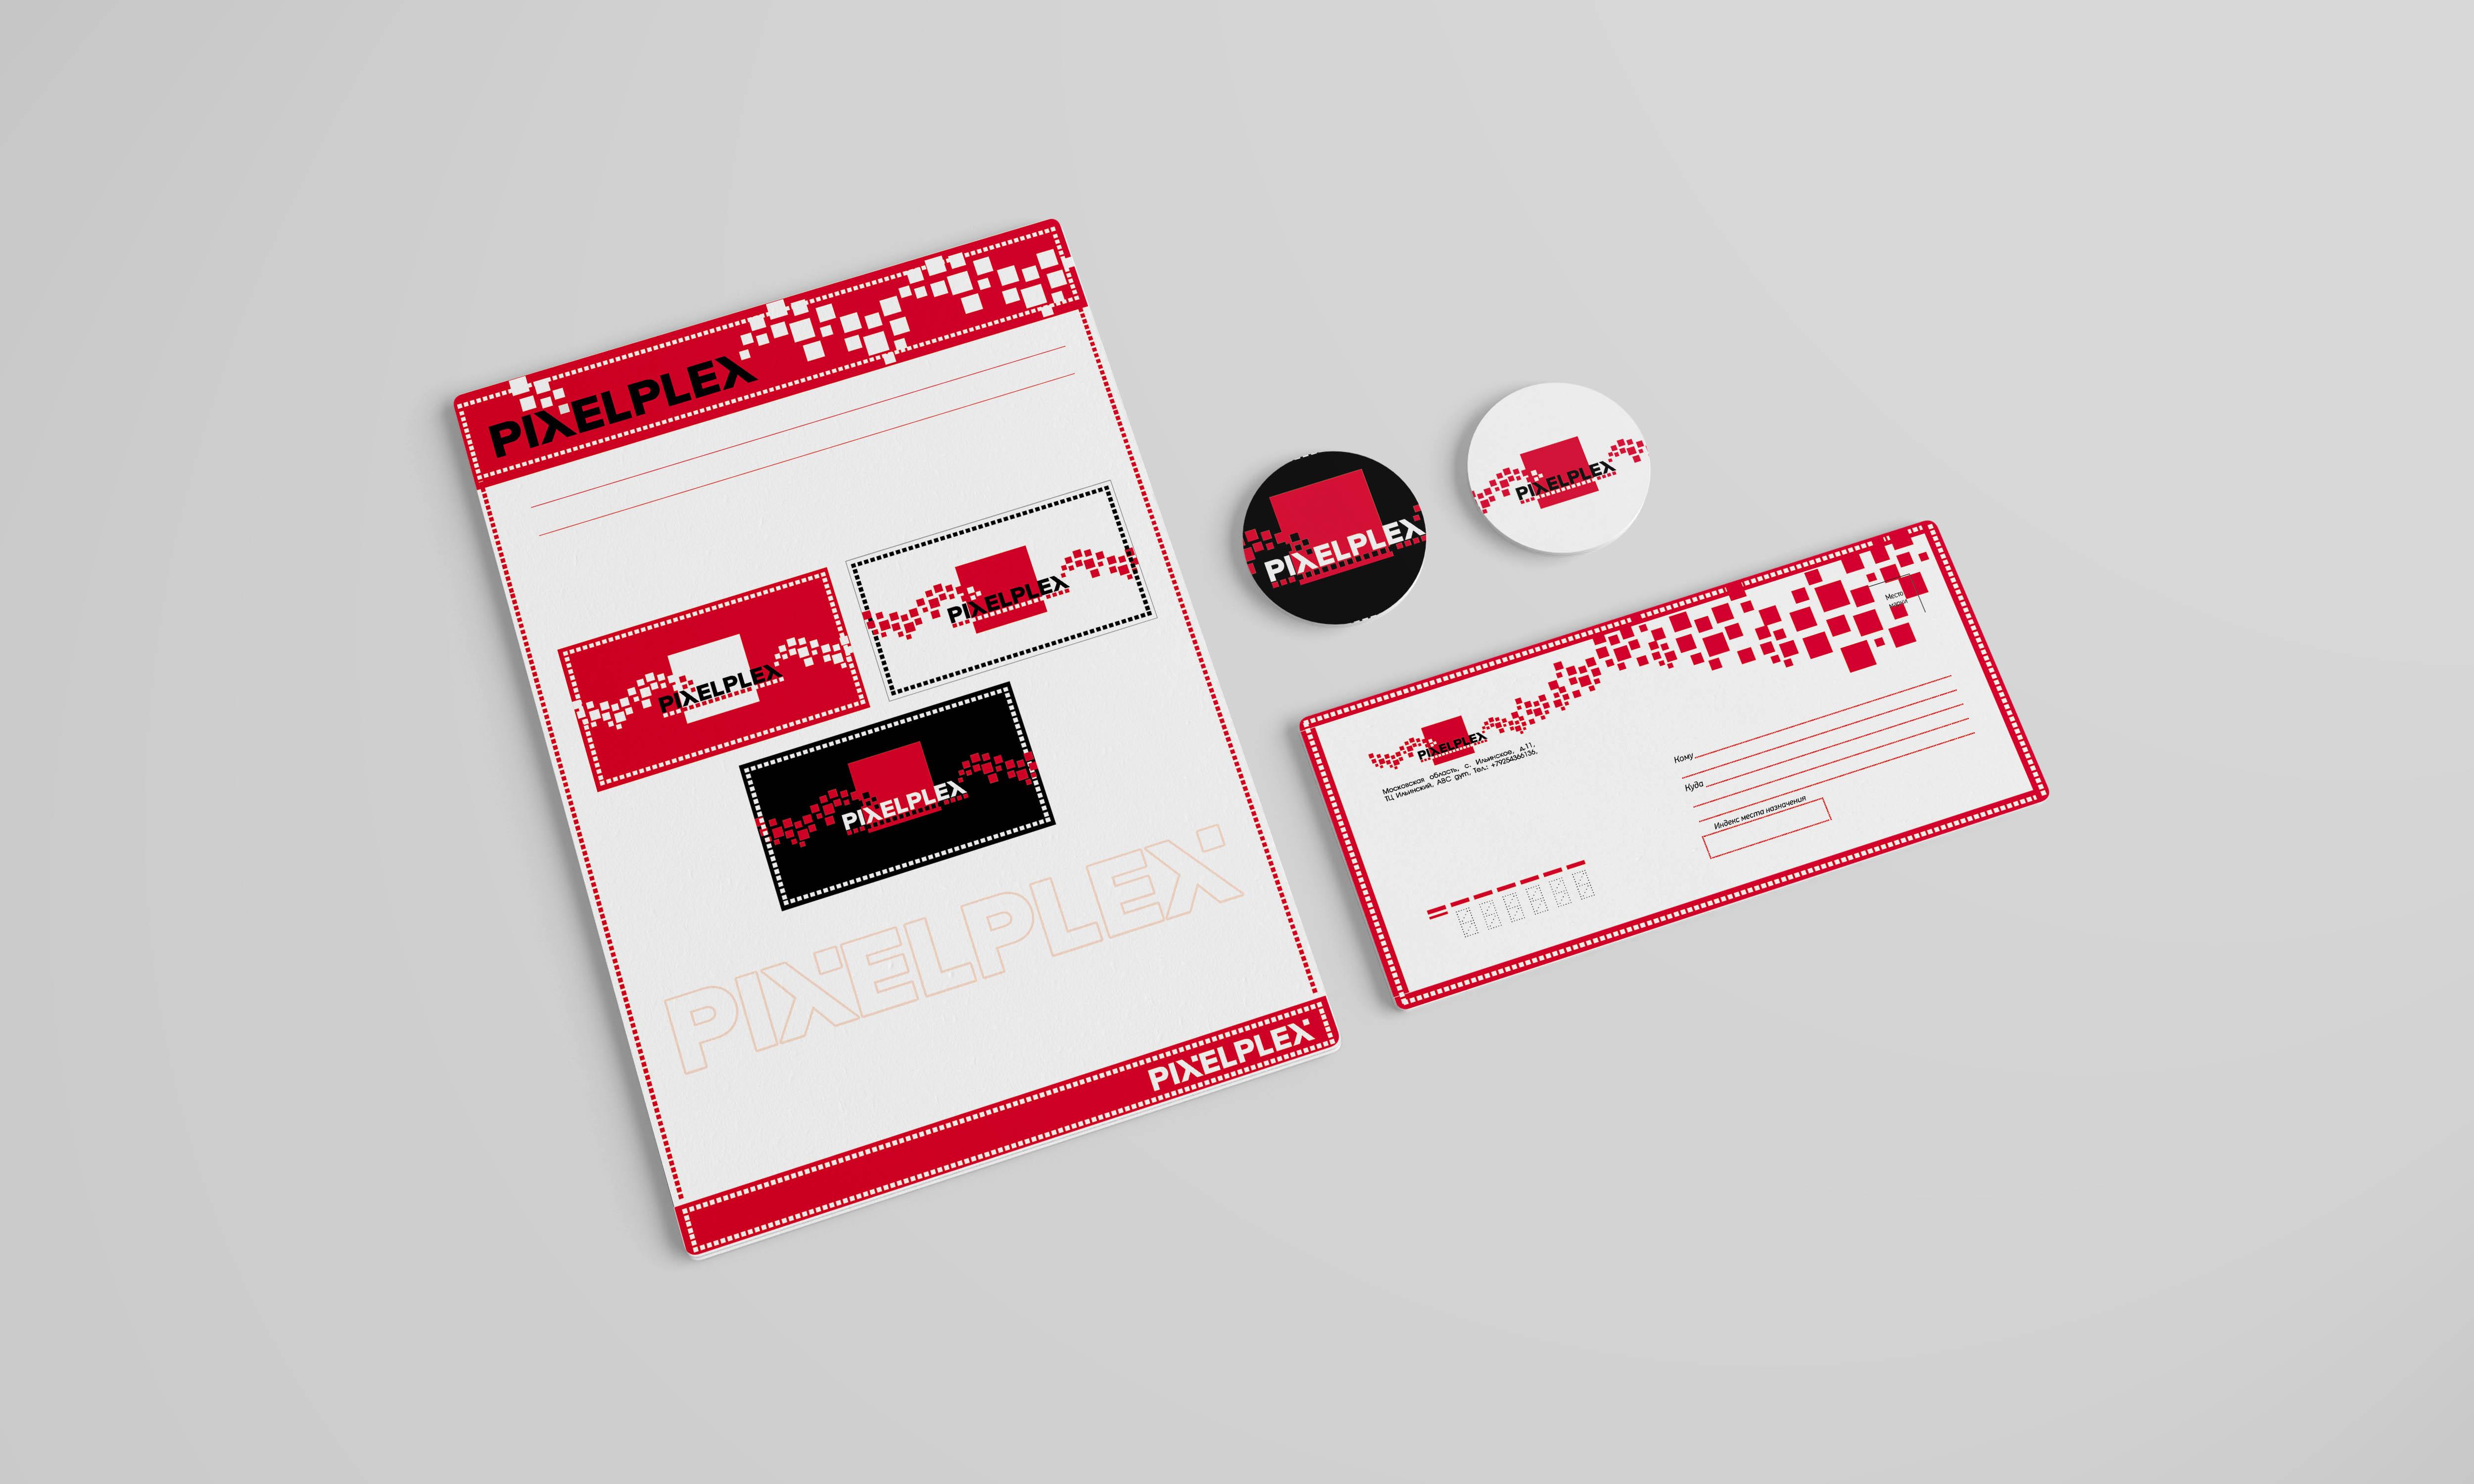 Креативная концепция и художественные варианты c логотипом фото f_815598c30a77c9d2.jpg